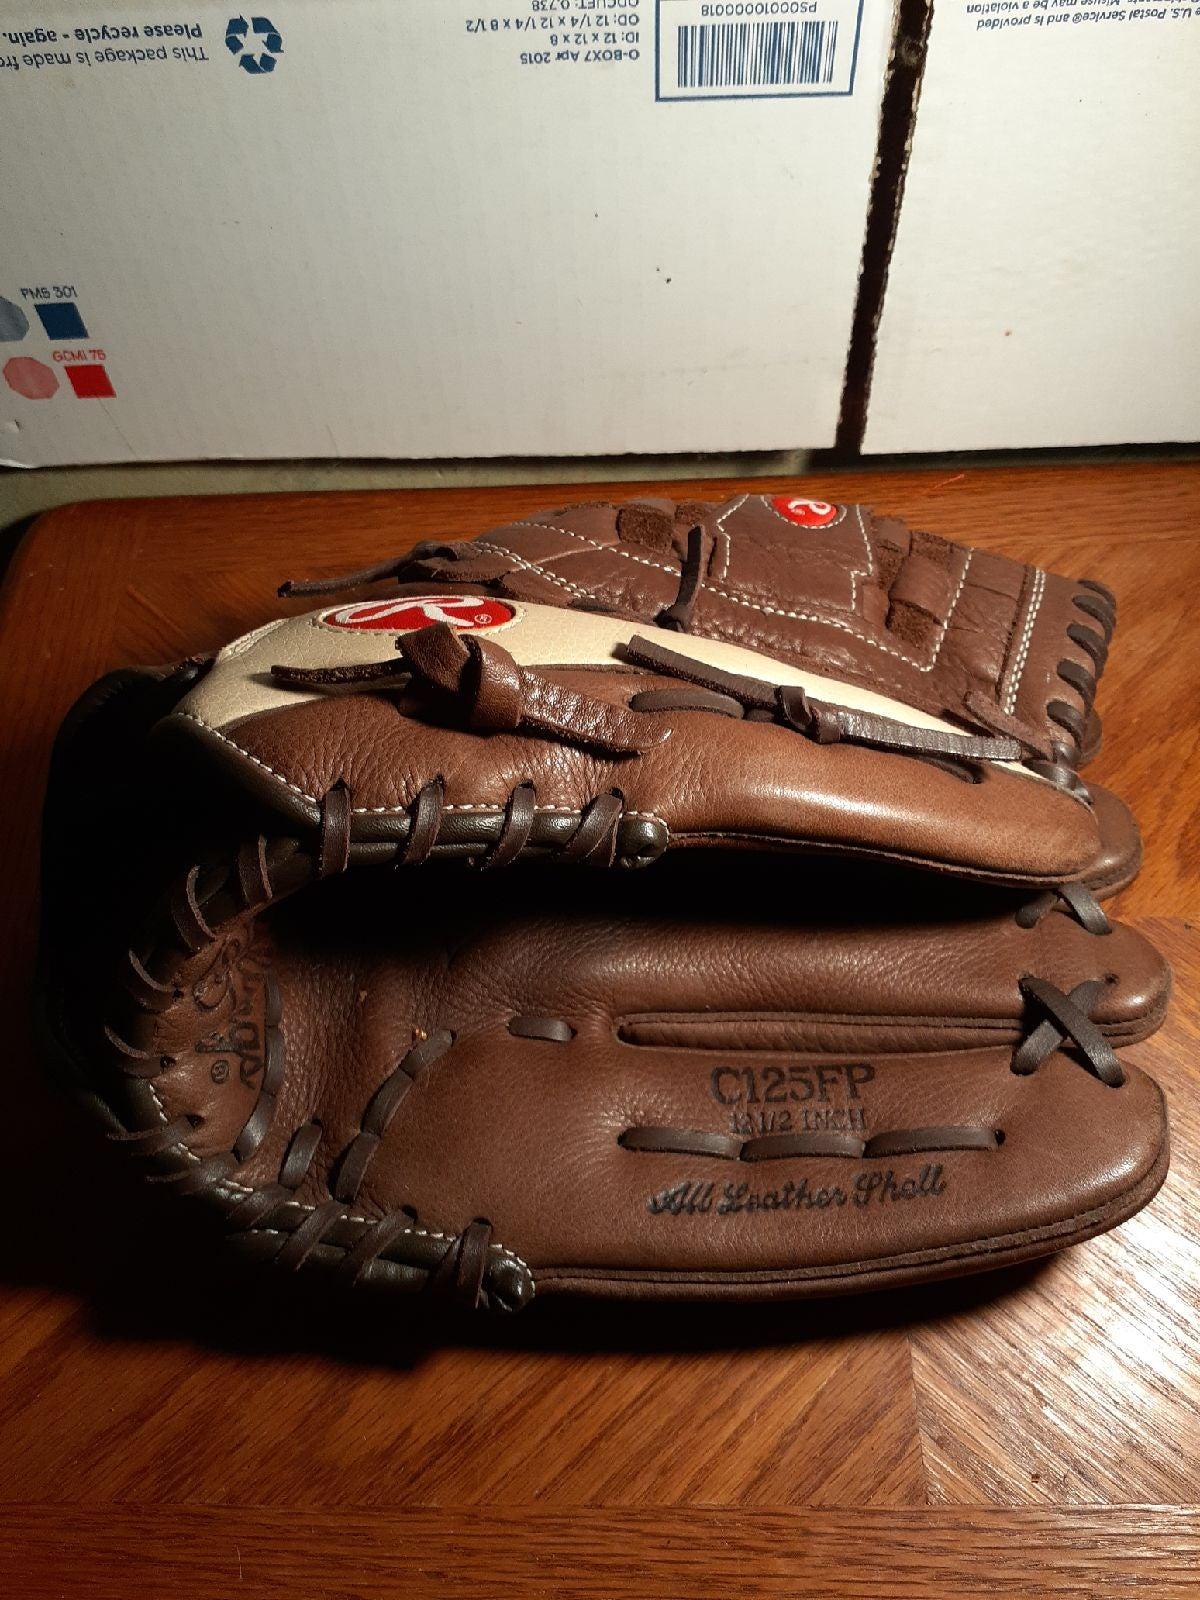 Rawlings C125FP Baseball Glove